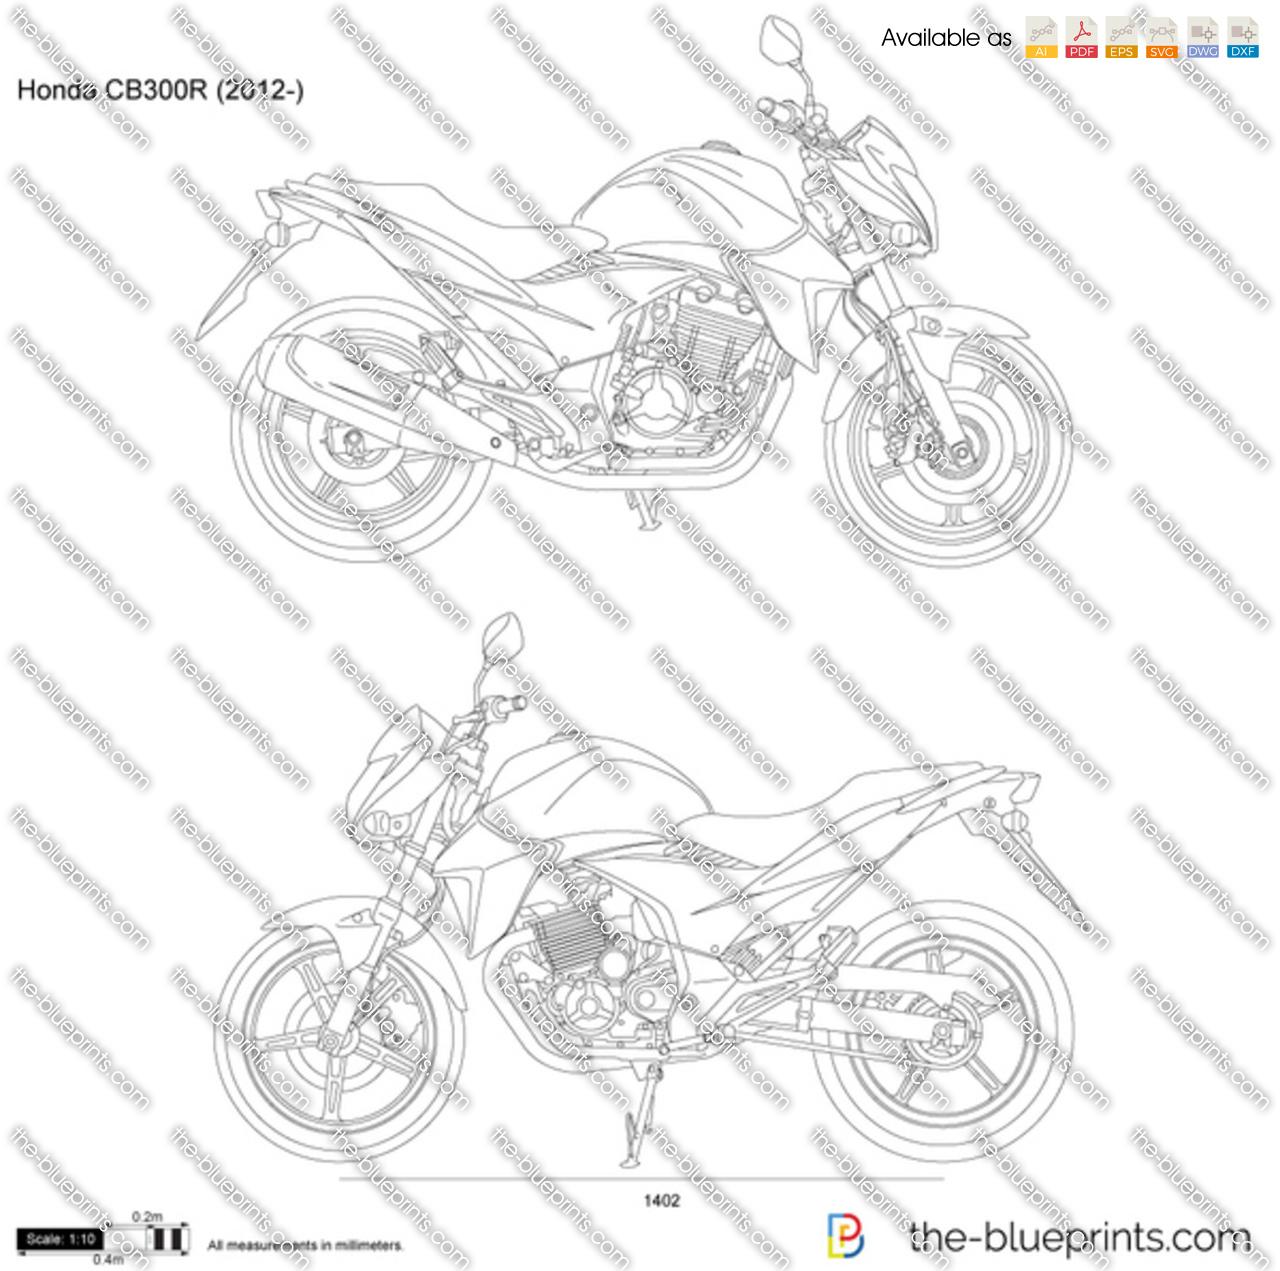 Honda CB300R 2013